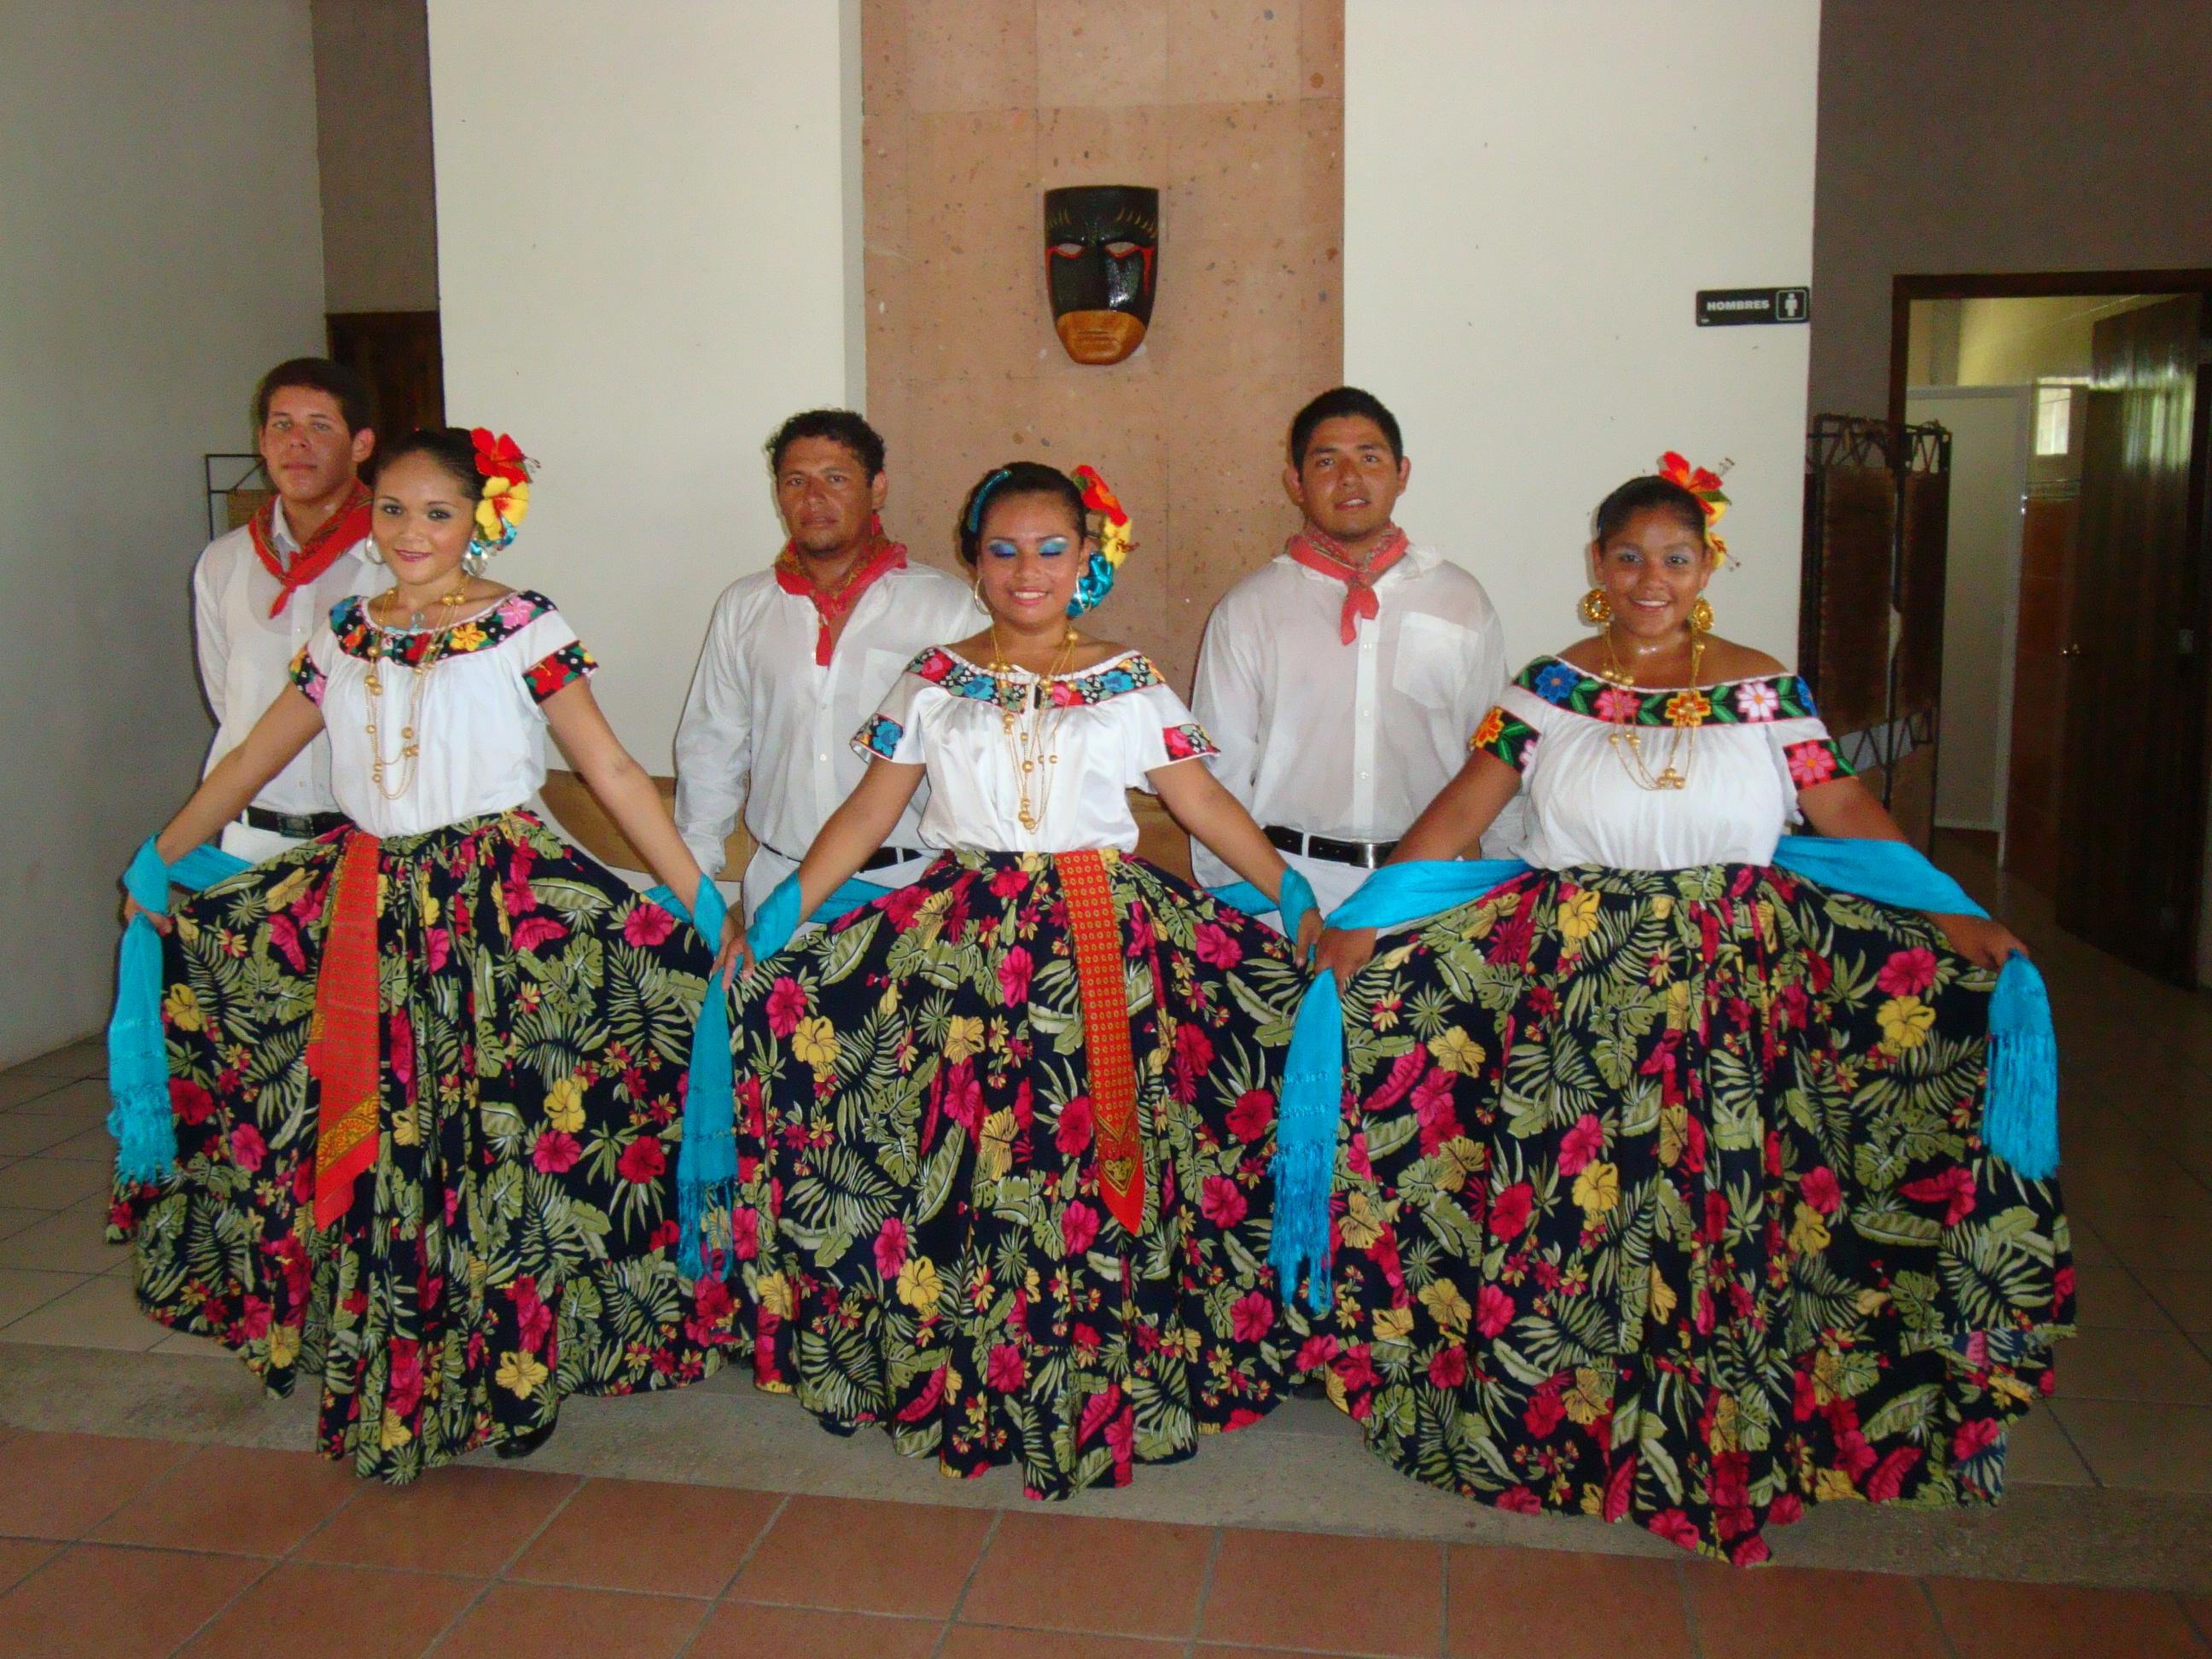 tradiciones yucatecas yahoo dating